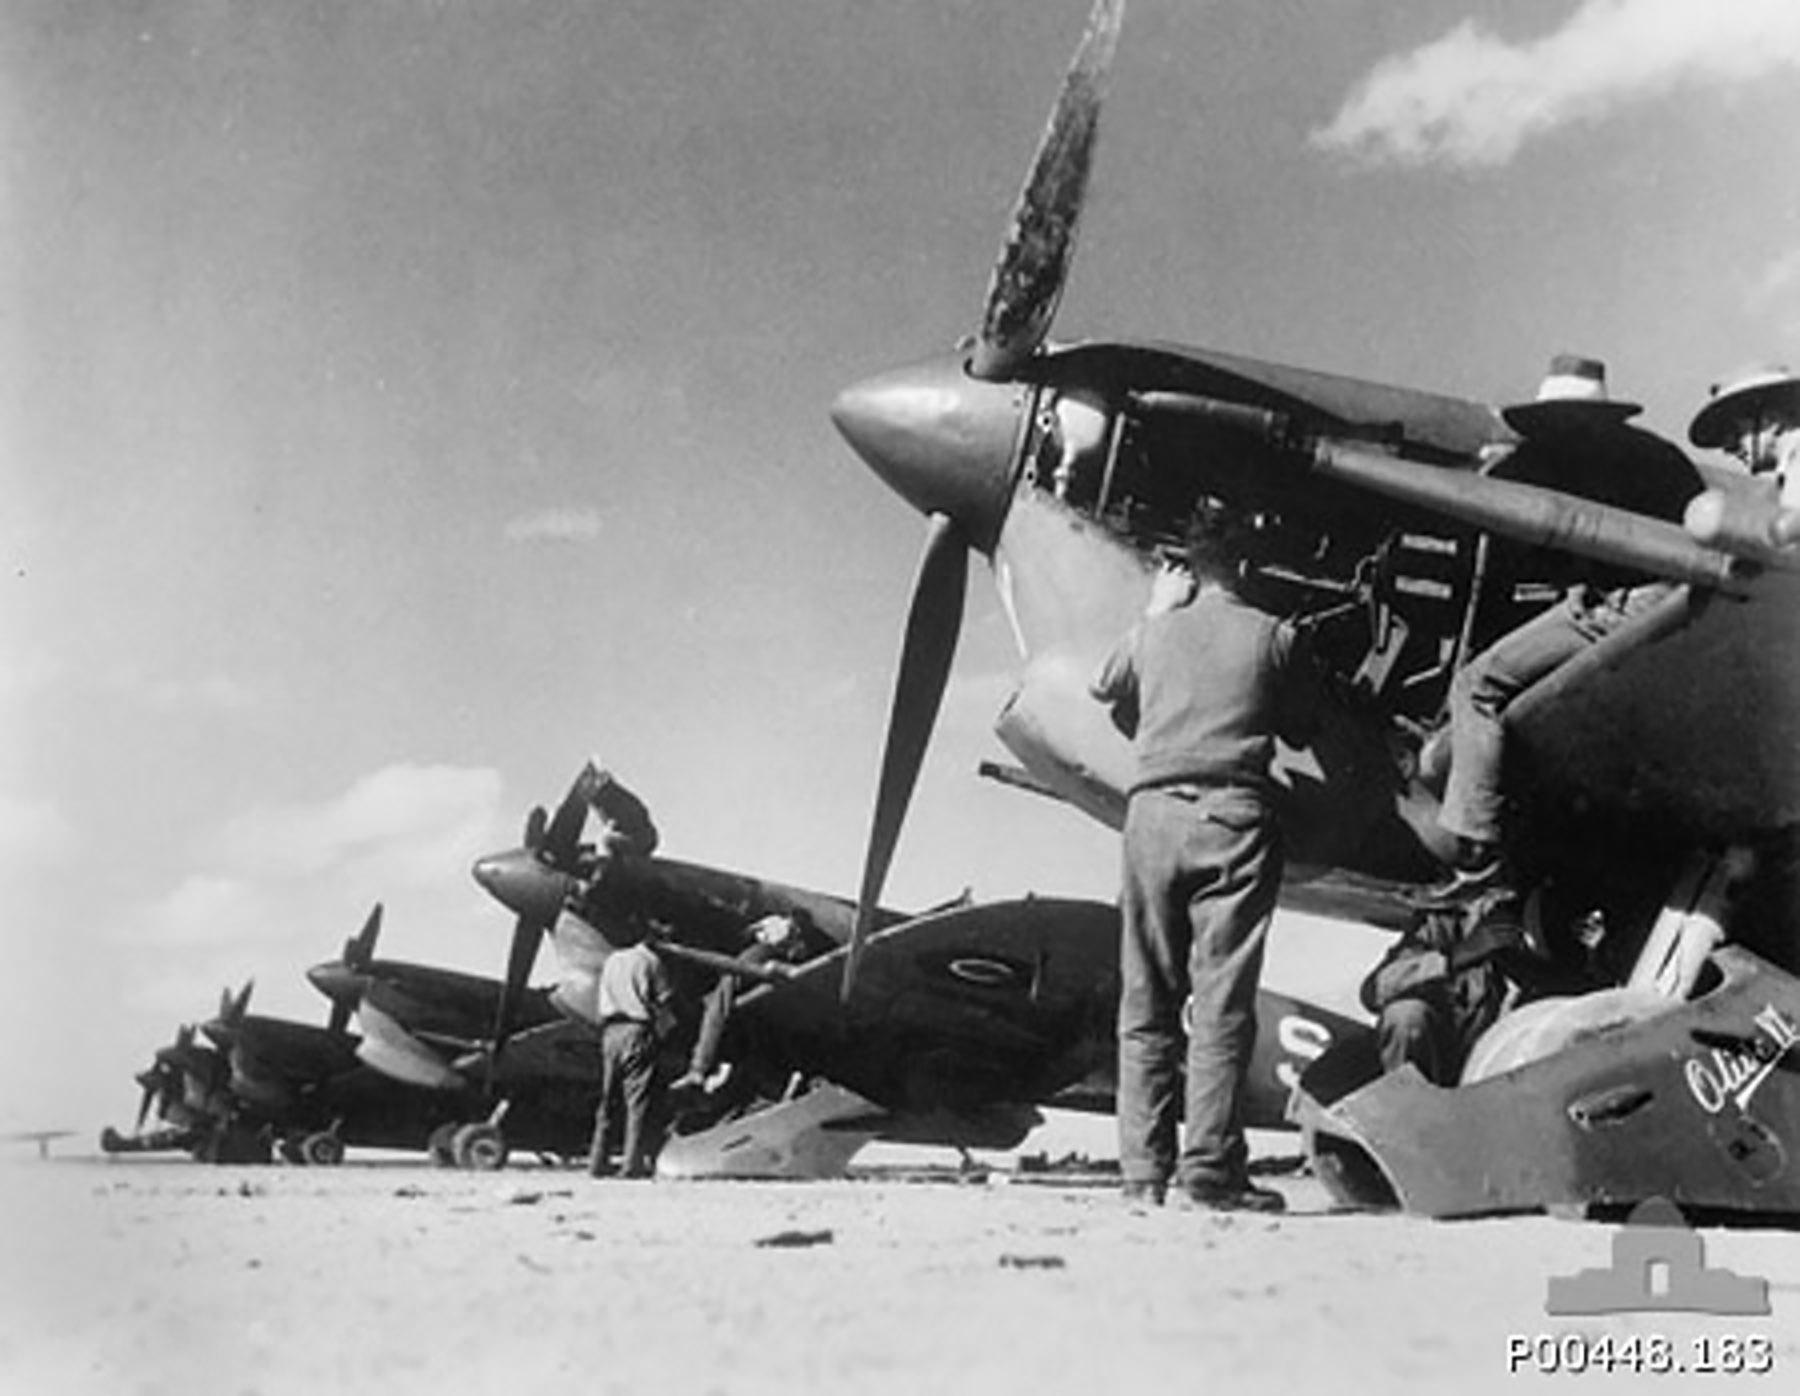 Spitfire MkVcTrop RAAF 451Sqn being serviced El Daba Egypt 1943 01